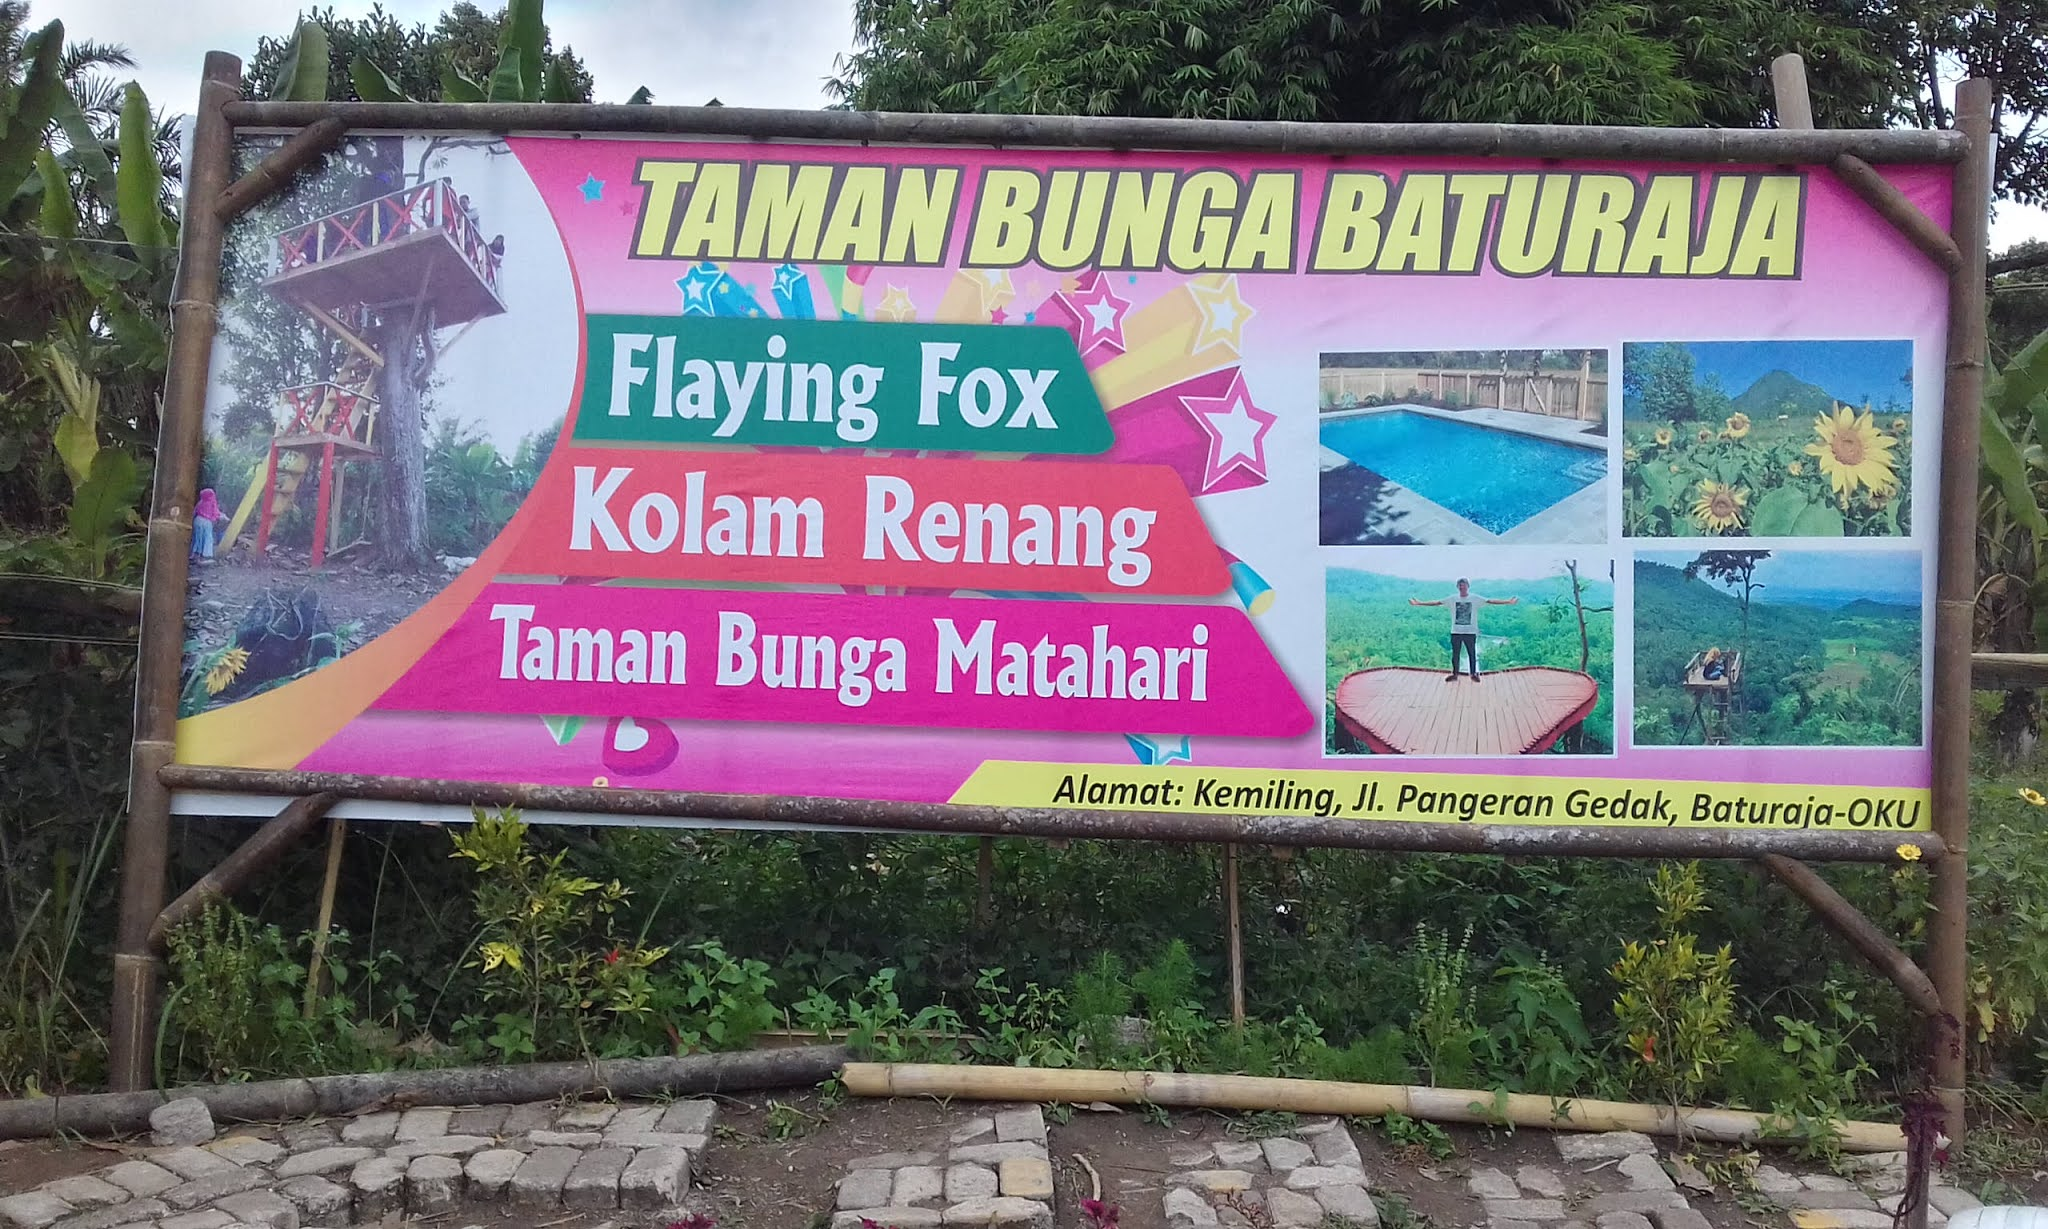 Selintas Tentang Taman Bunga Baturaja